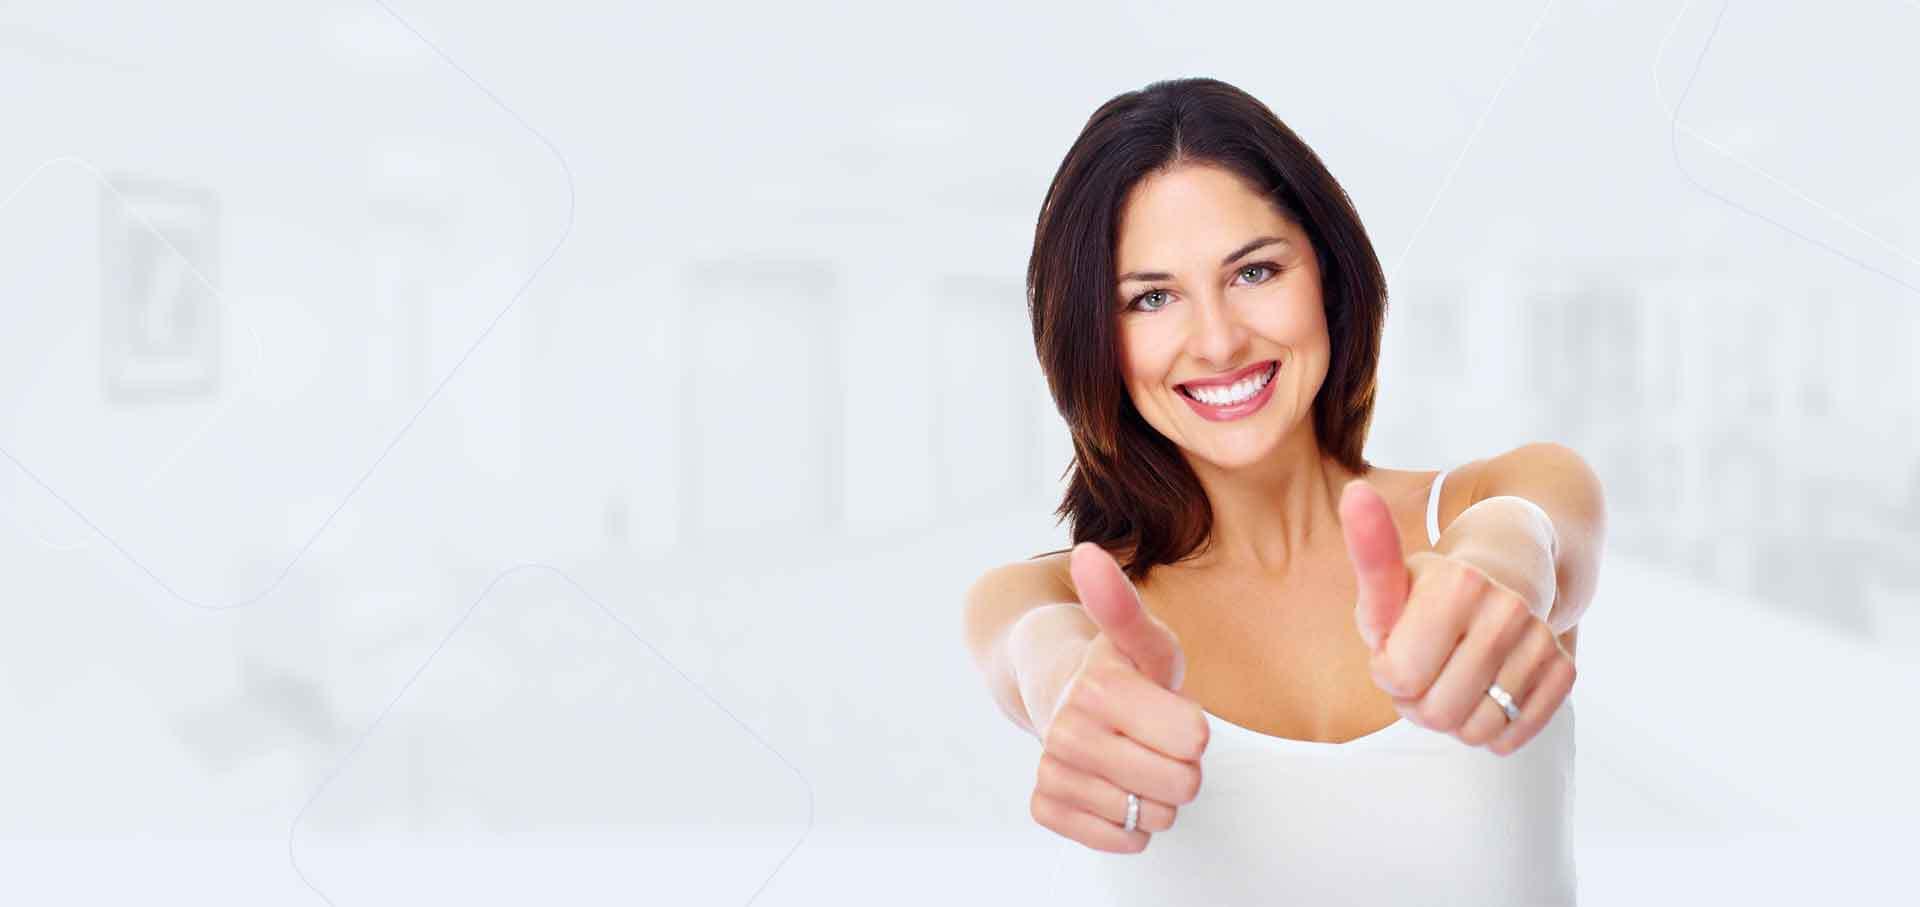 <p>A cl&iacute;nica Dentale, visando sempre a melhor maneira de atender seus pacinetes, desenvolveu um site totalmente novo e 100% interativo. Nele, voc&ecirc; poder&aacute; acompanhar todas as novidades da cl&iacute;nica, tirar suas d&uacute;vidas e marcar sua avalia&ccedil;&atilde;o.</p>